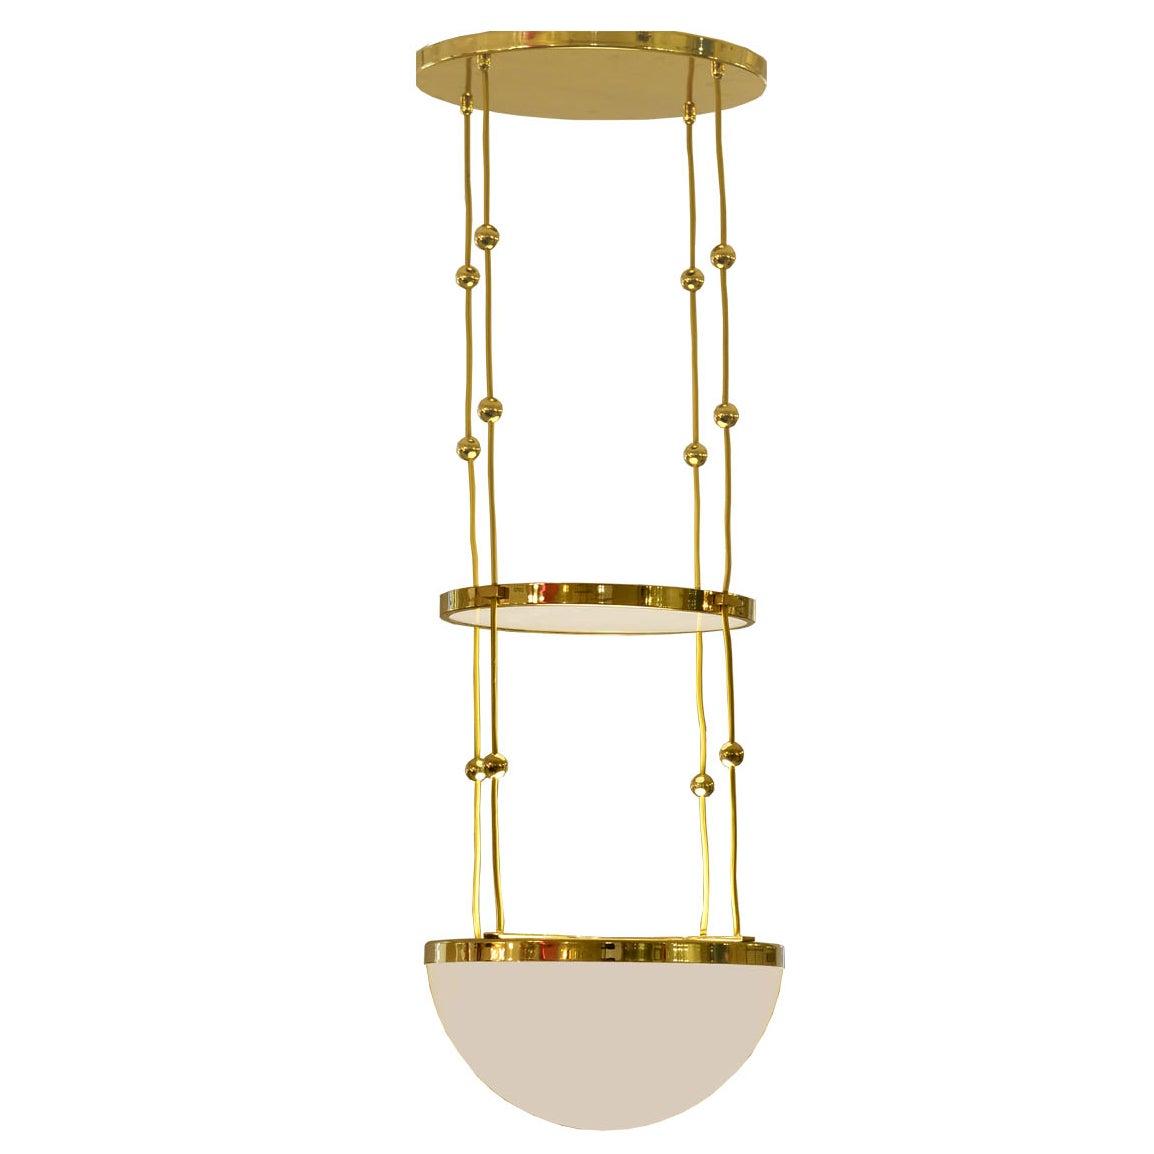 Adolf Loos Jugendstil Ceiling Lamp, Pendant Re-Edition